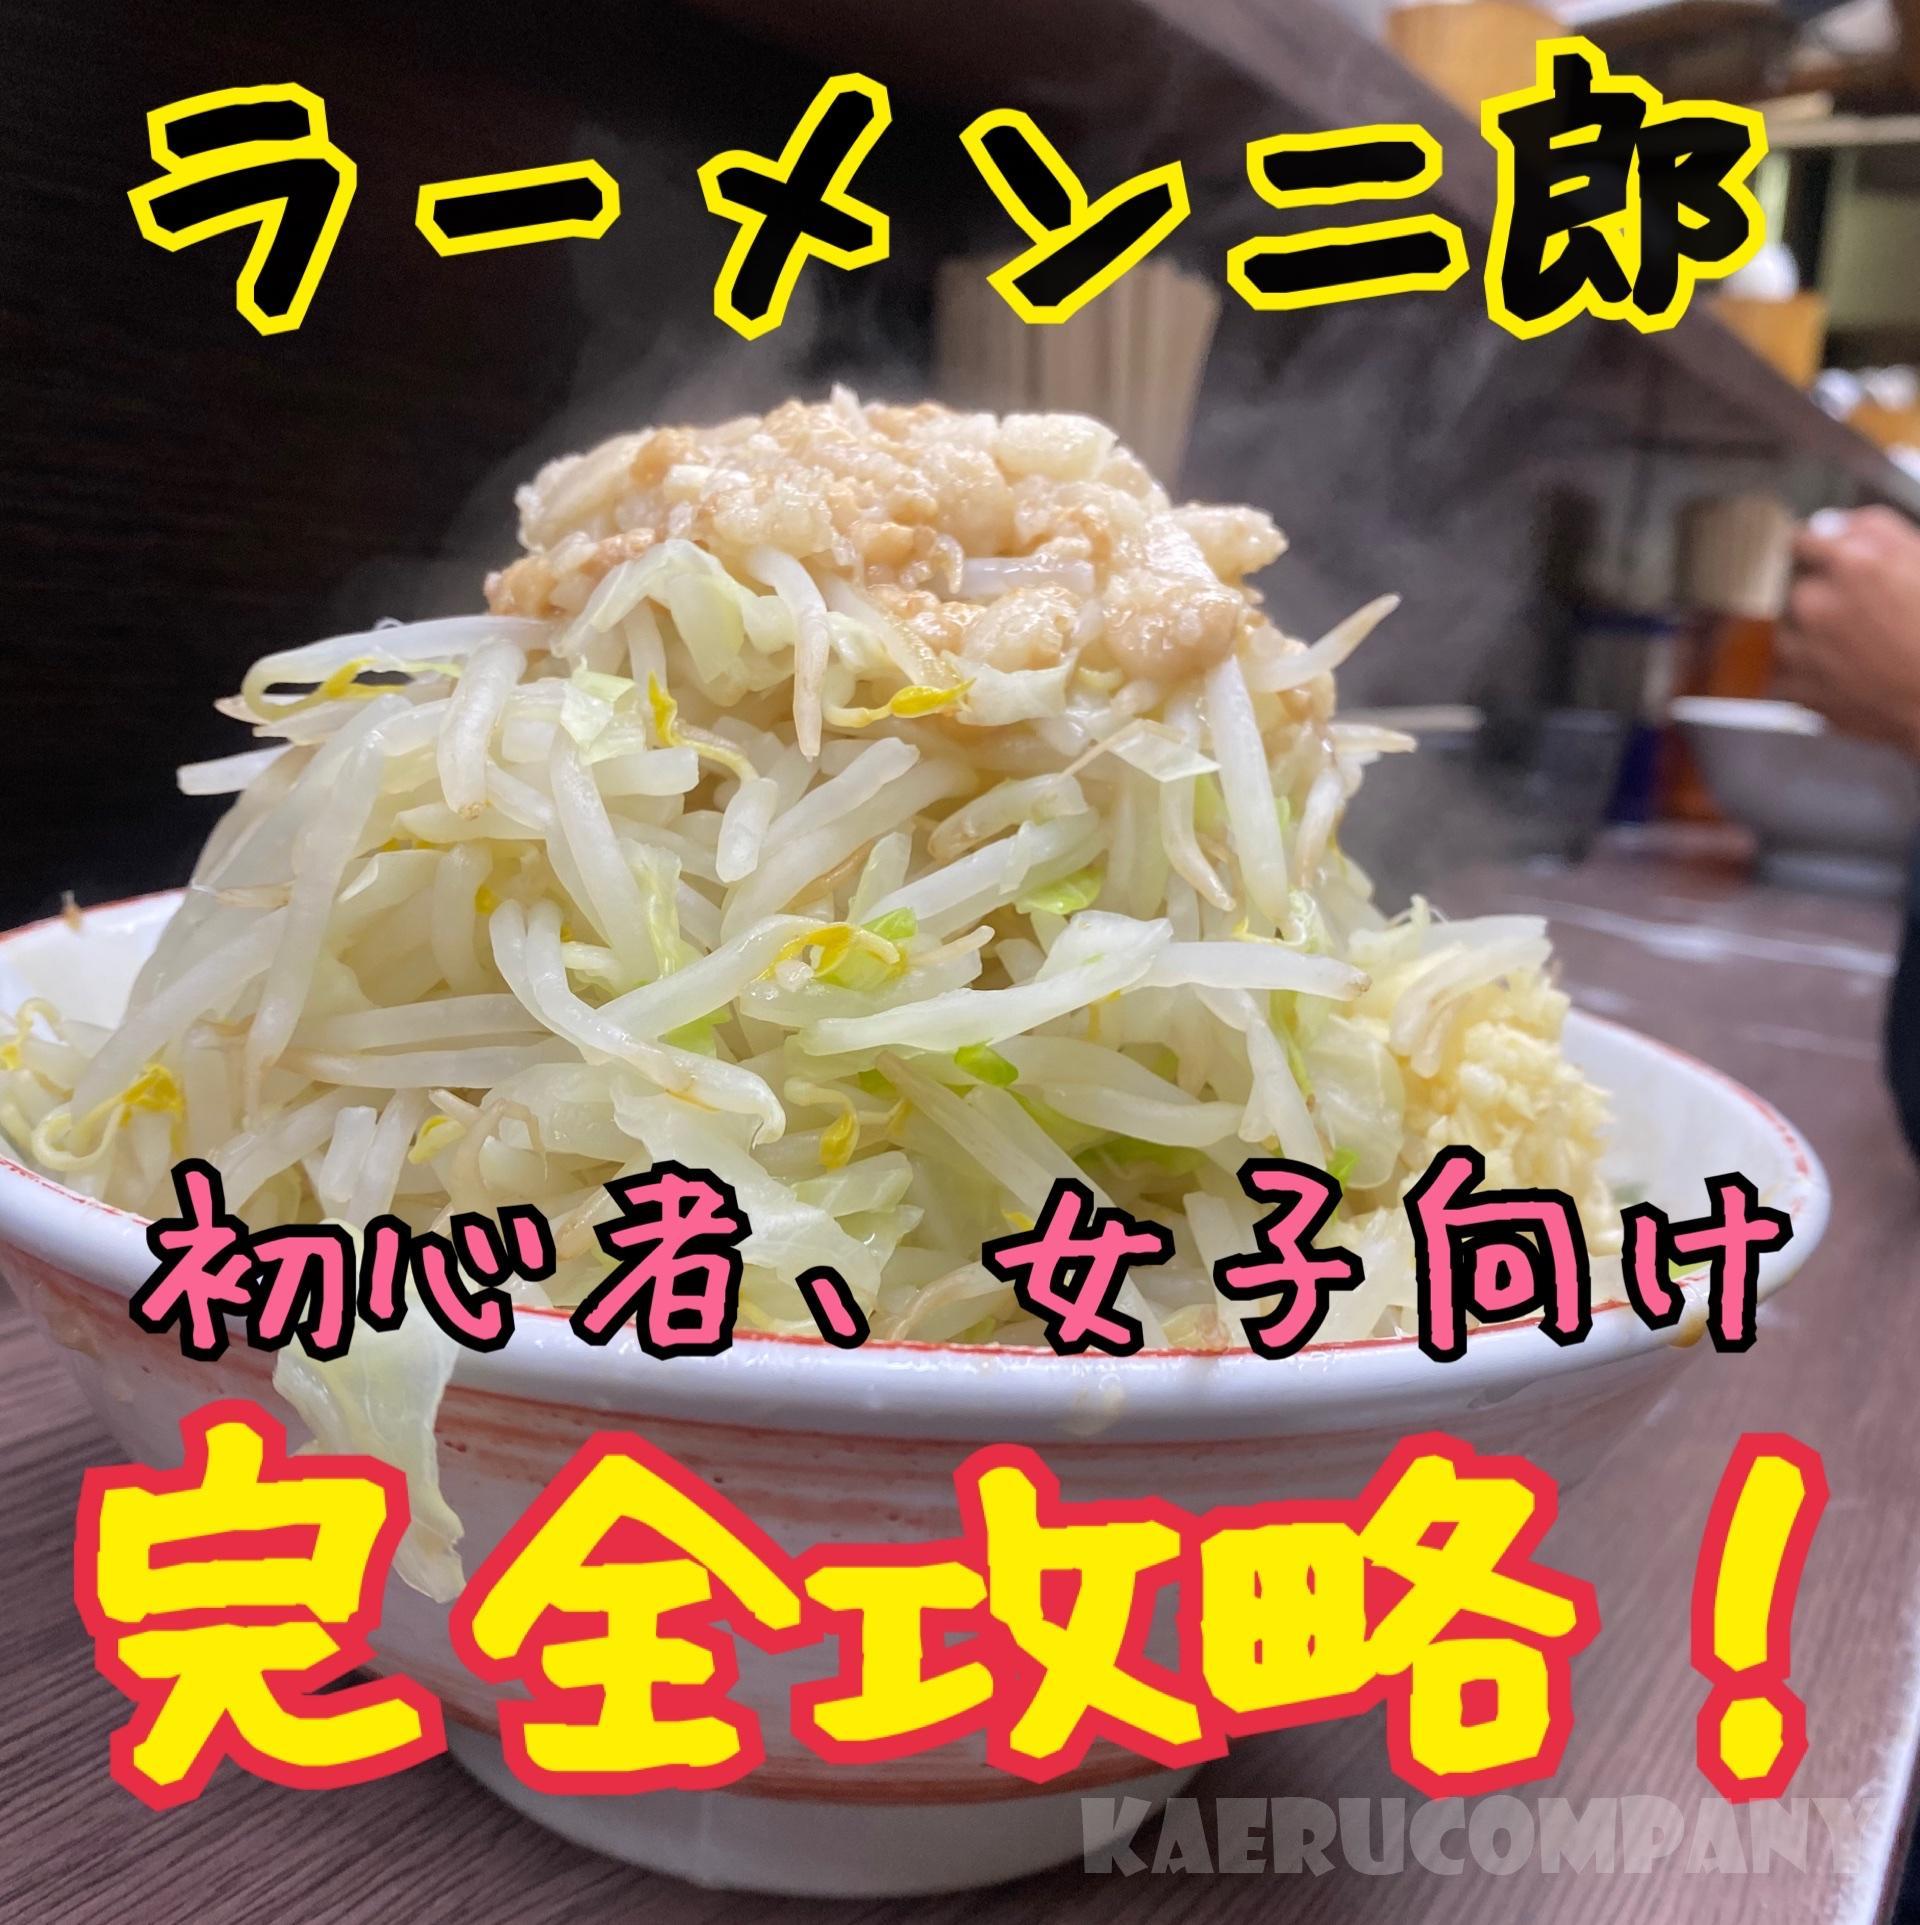 ラーメン二郎初心者向けマニュアル!横浜関内店にアラフォー女子が行ってきた!